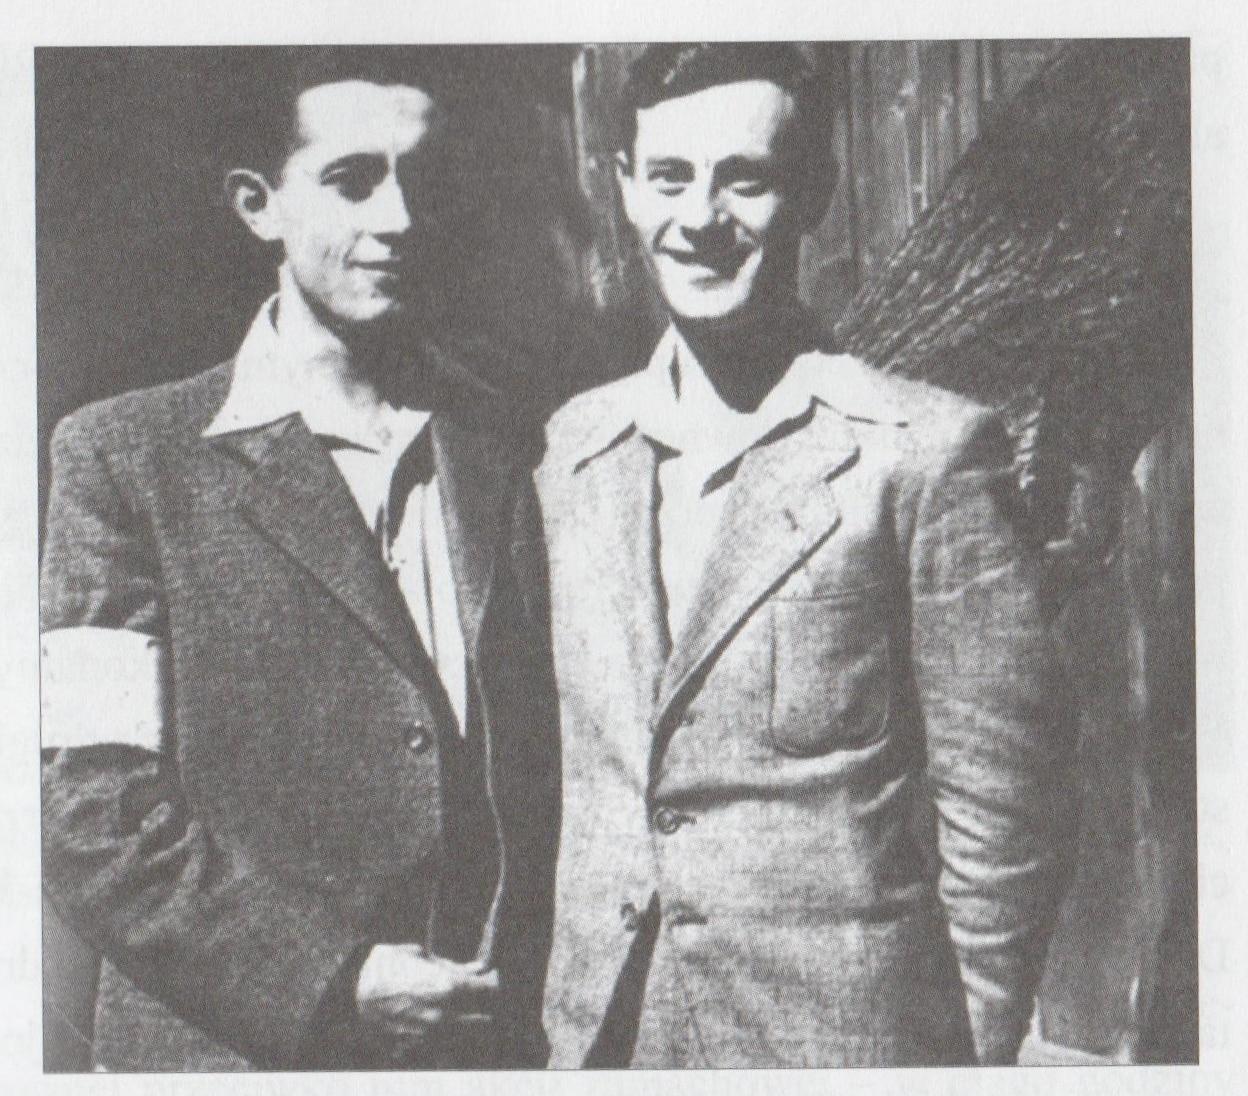 """Szymon Draenger i Dolek Liebeskind. Źródło: Rafał Górski, """"Polscy zamachowcy"""".  / Żydowska Organizacja Bojowa."""